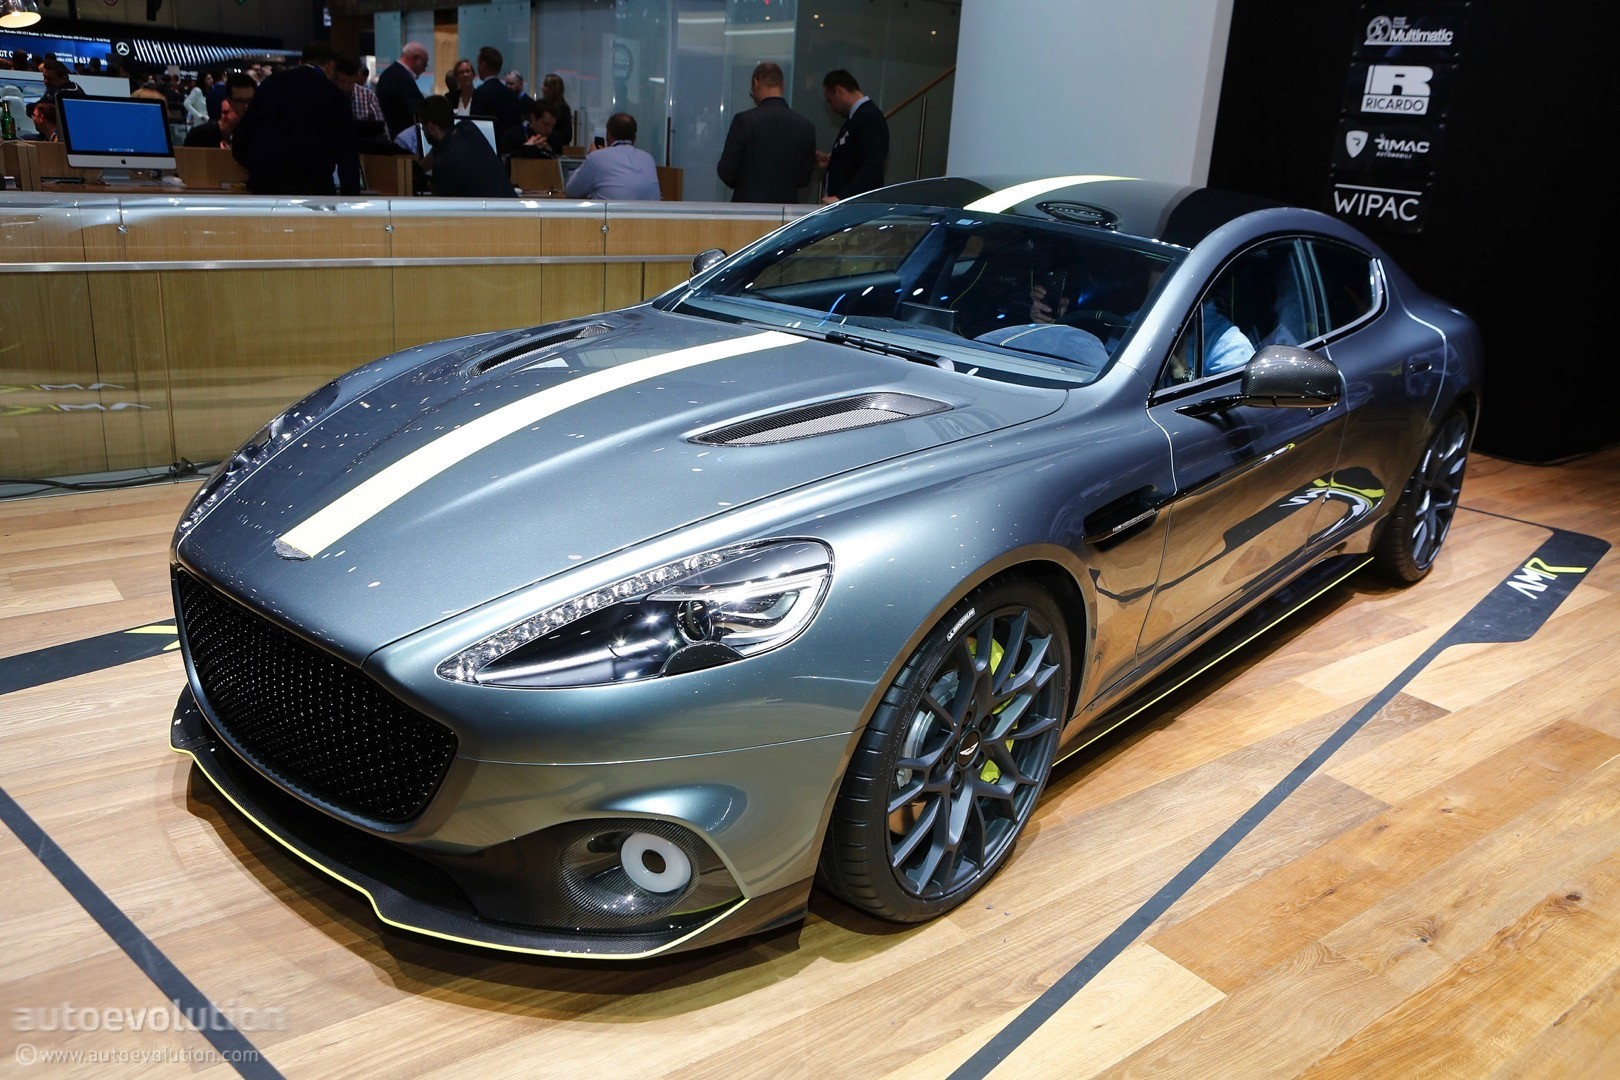 Aston Martin Takes Over Geneva With World's Fastest Sedan ...